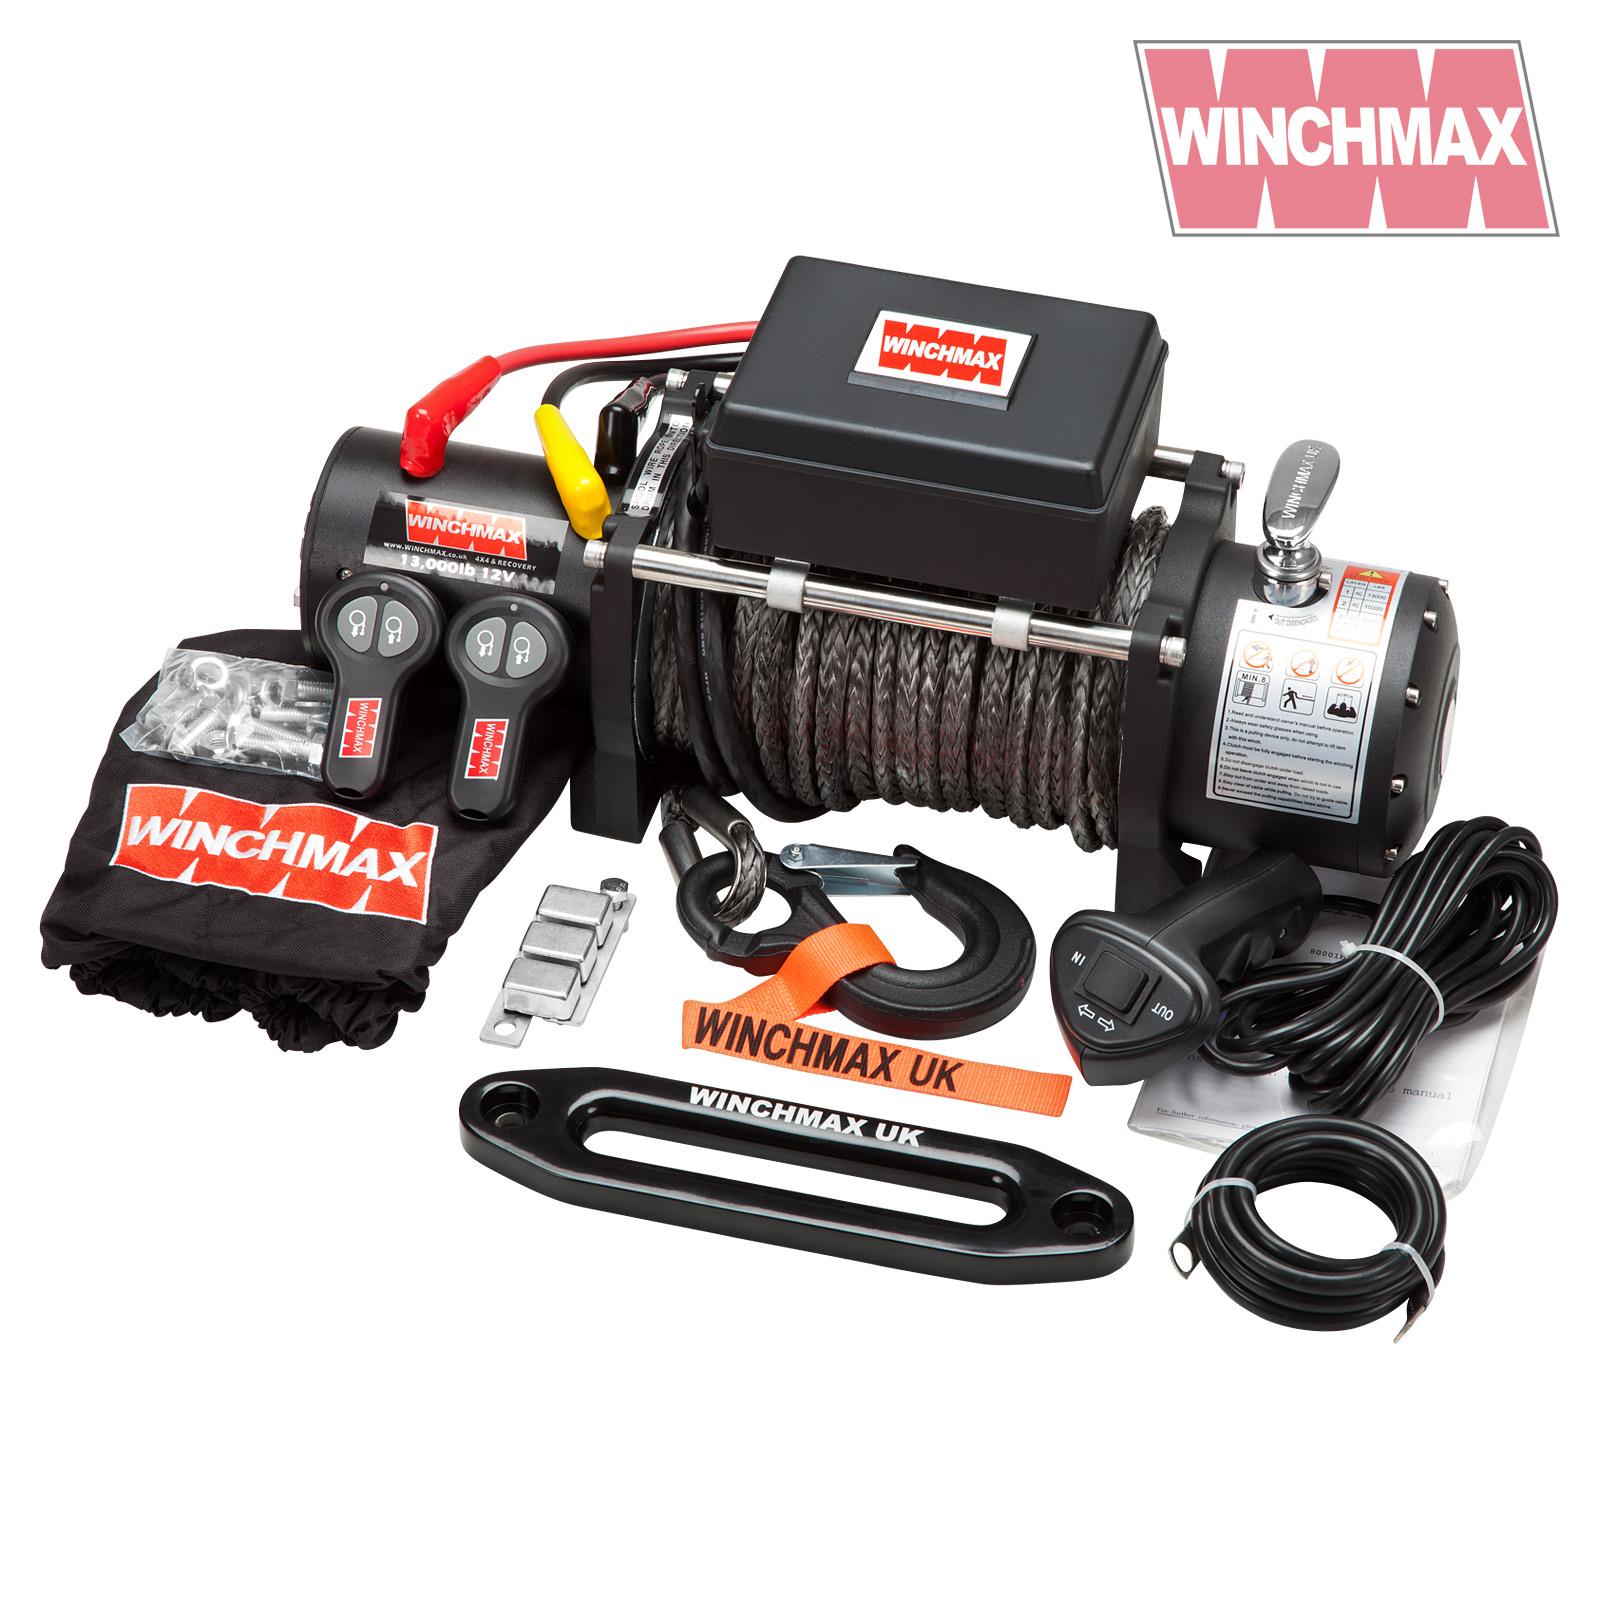 Wm1300012vmilsyn winchmax 014